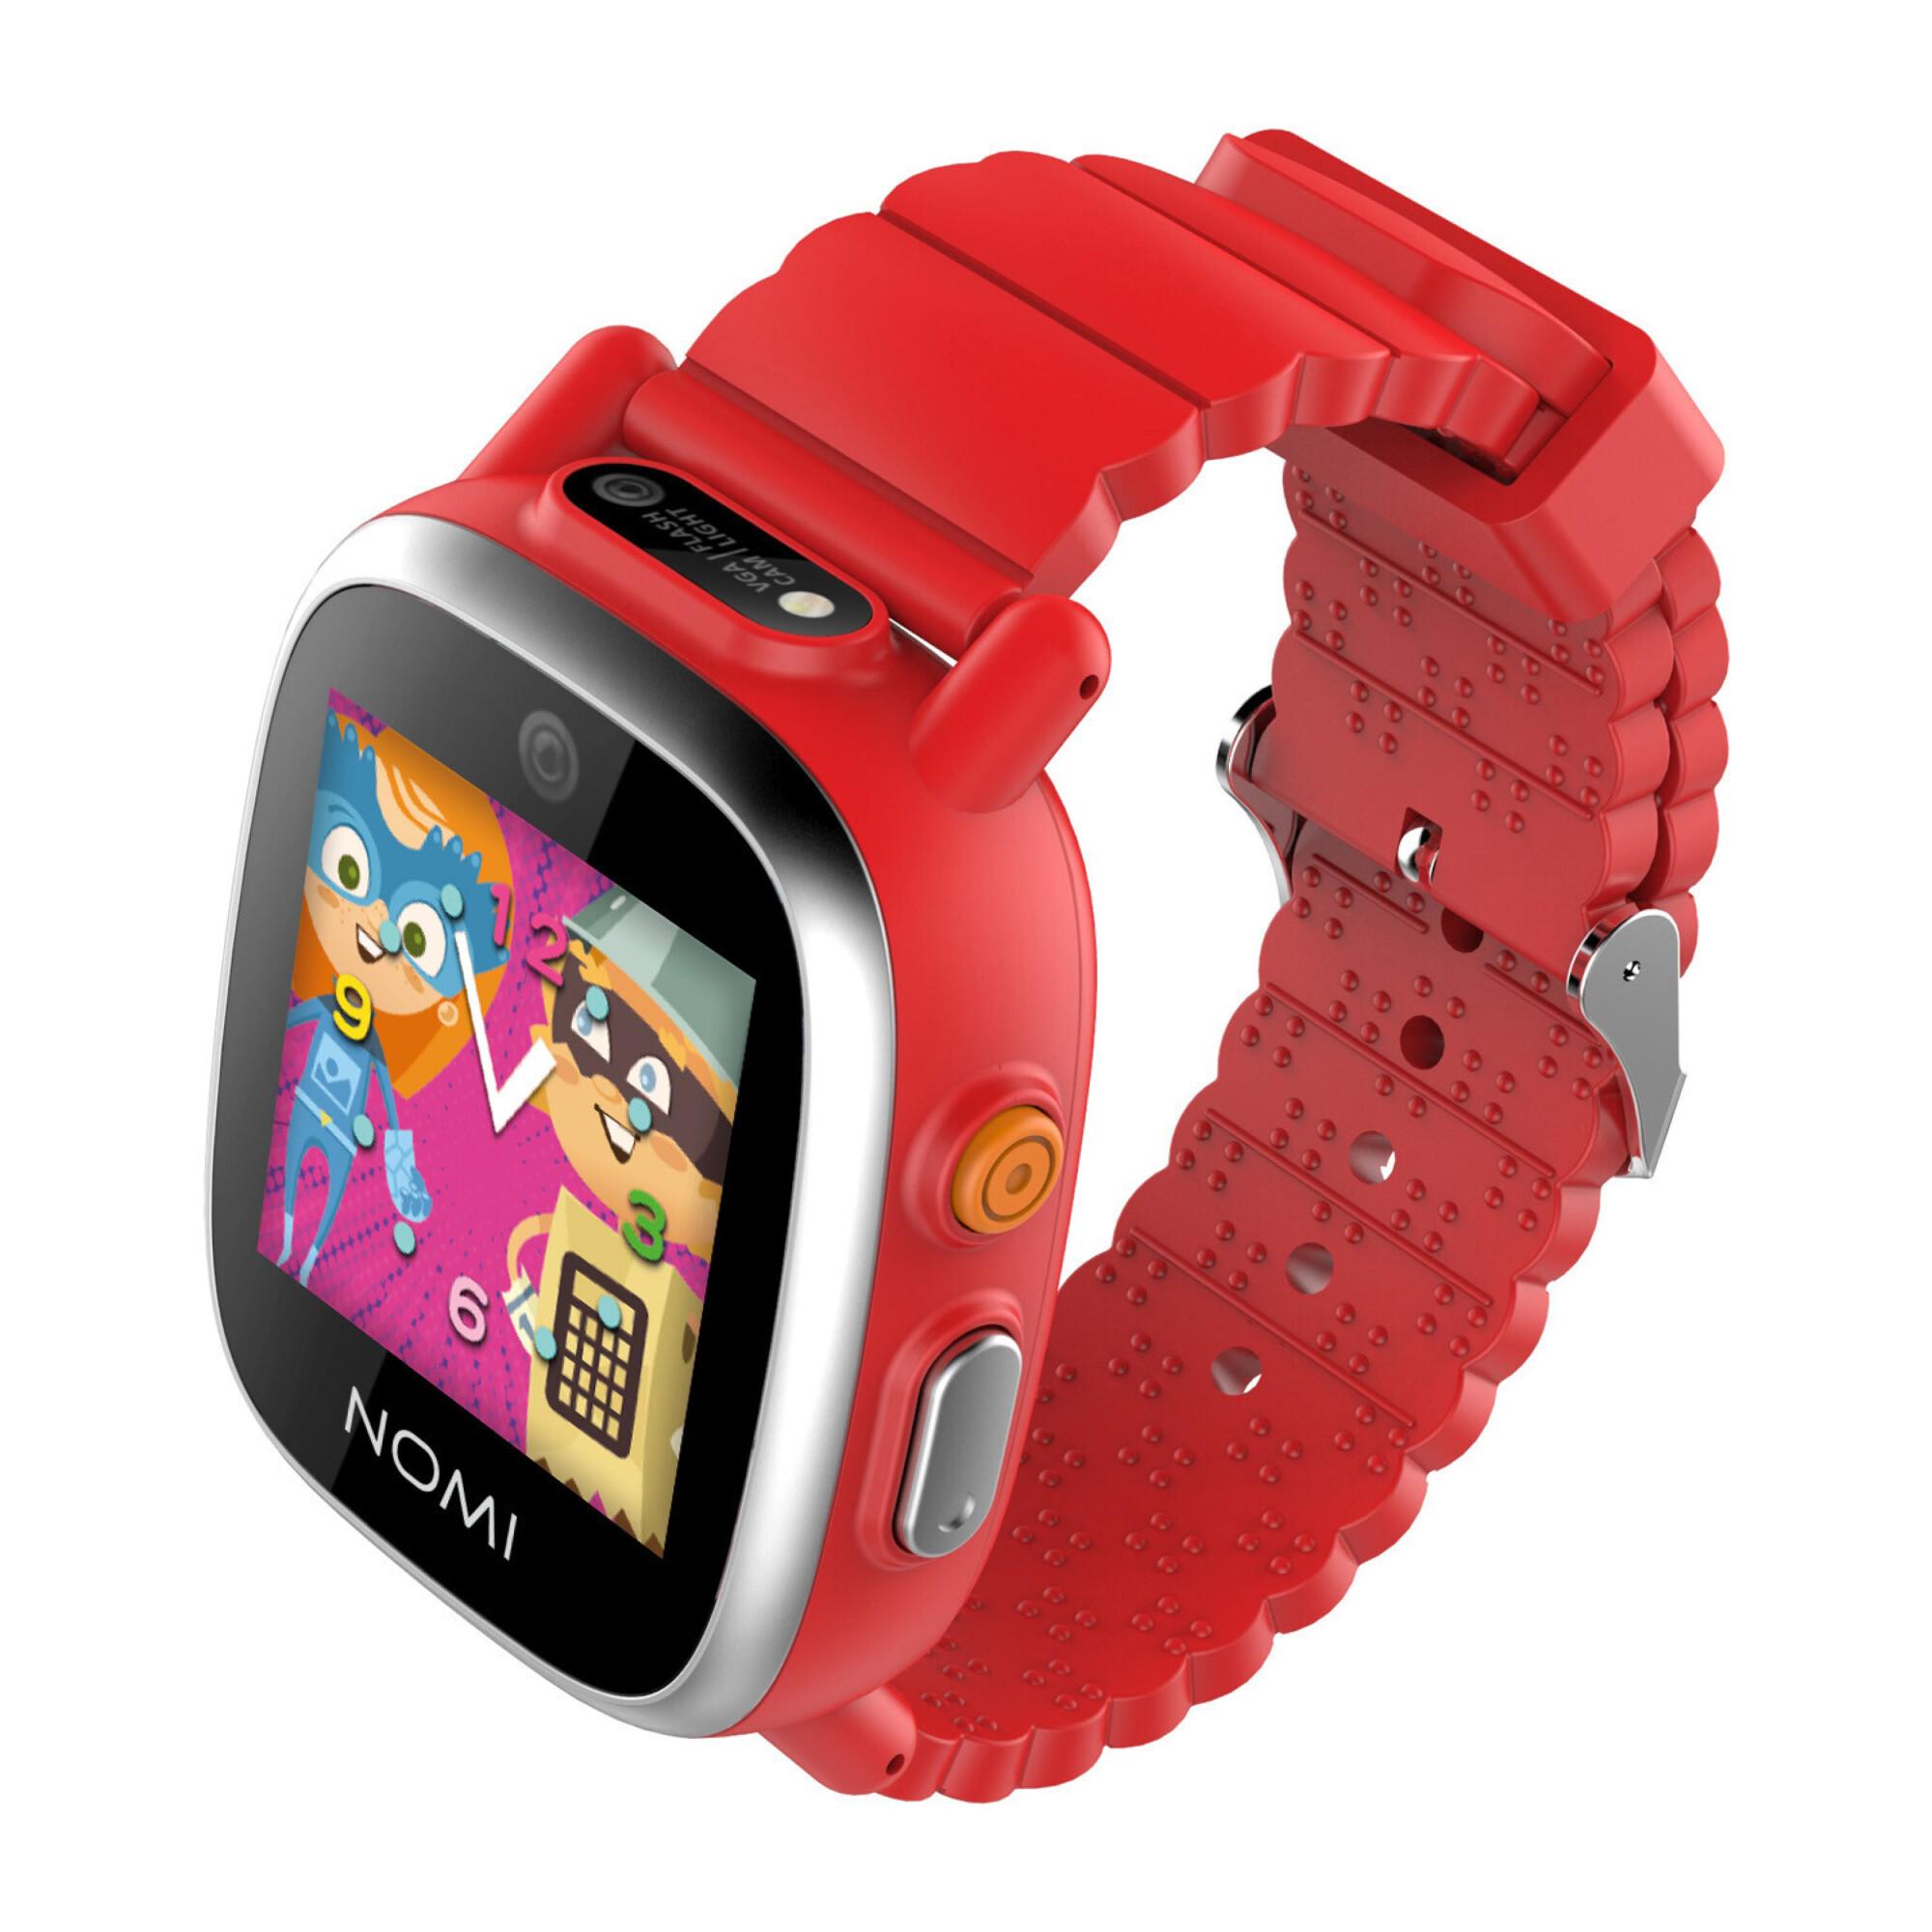 Смарт-часы Nomi Kids Heroes W2 Red - купить в Киеве ☛ цены на Allo ... 8a4bedde9c216